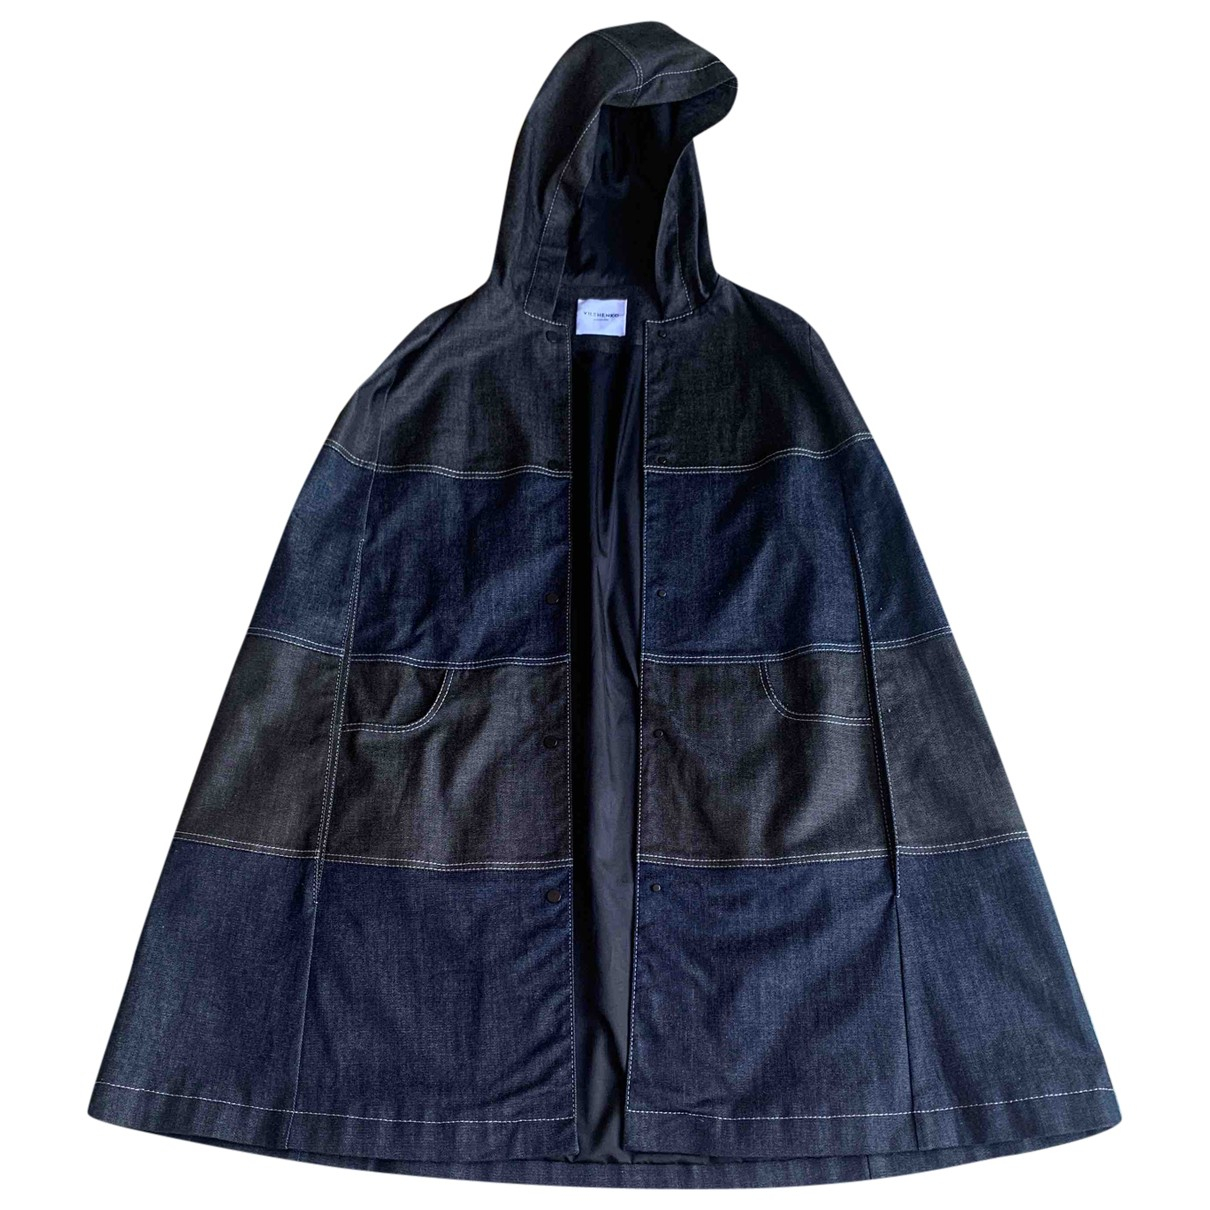 Vilshenko - Manteau   pour femme en denim - marine